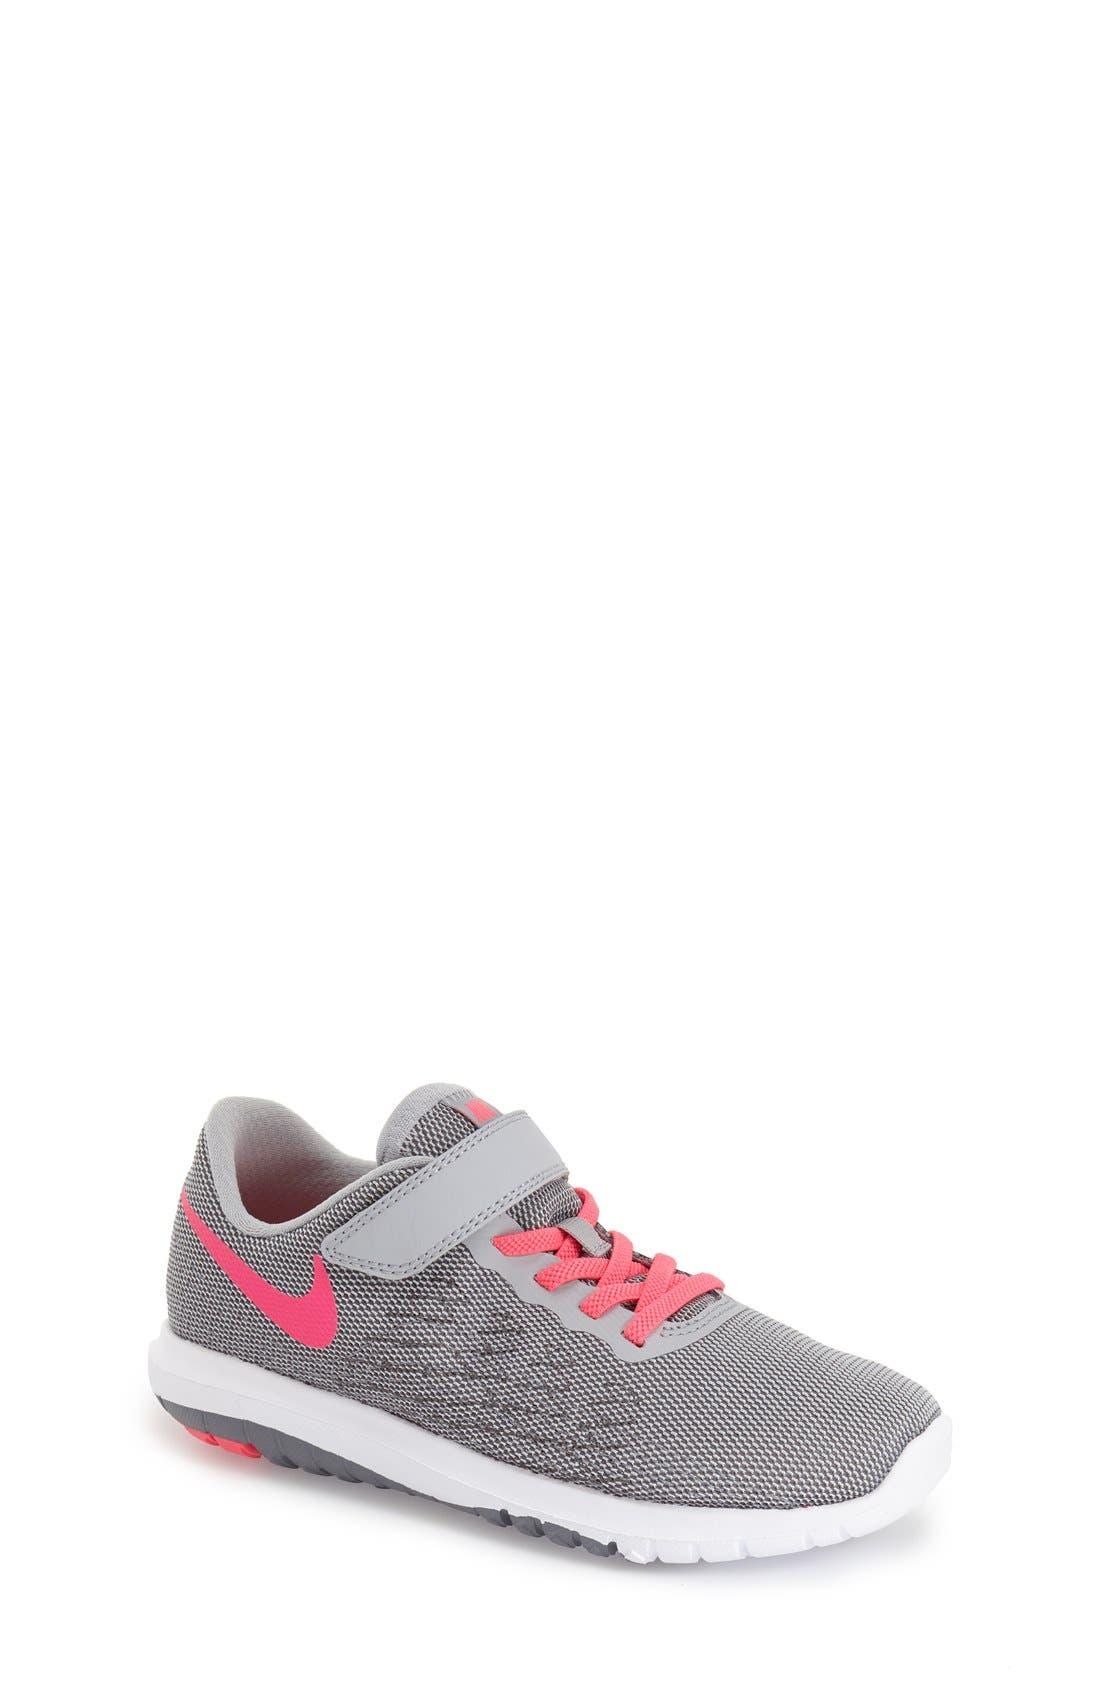 'Flex Fury 2' Athletic Shoe,                         Main,                         color, 020